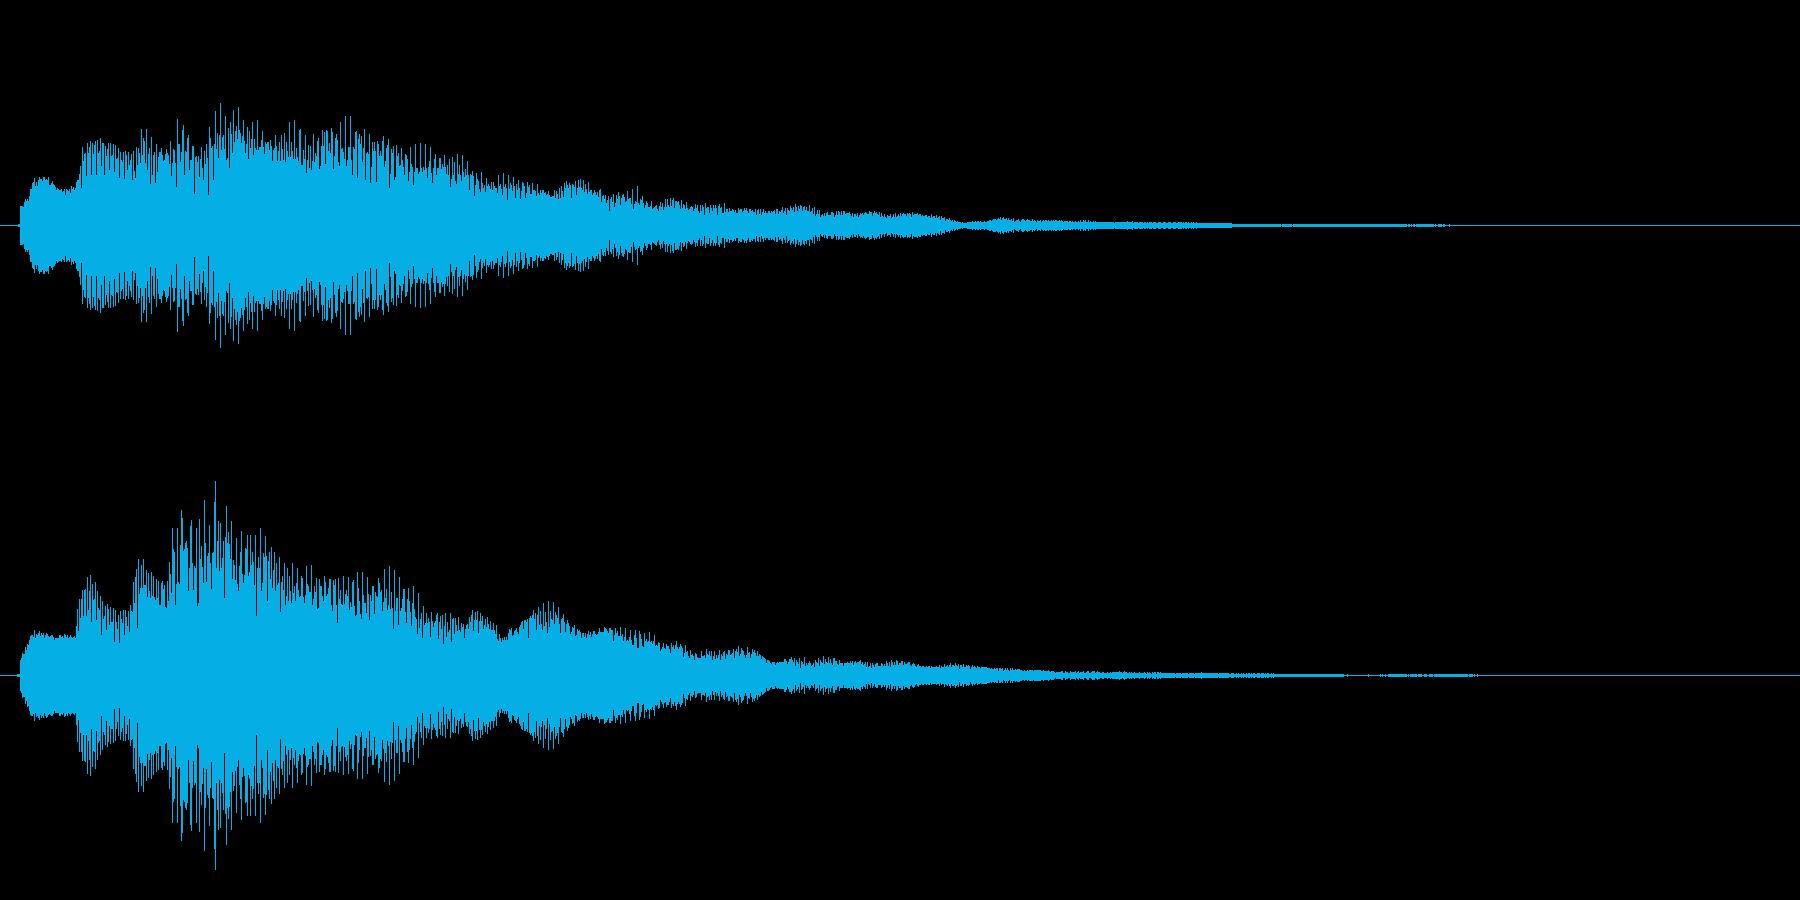 キラキラしたベルの上昇音1の再生済みの波形